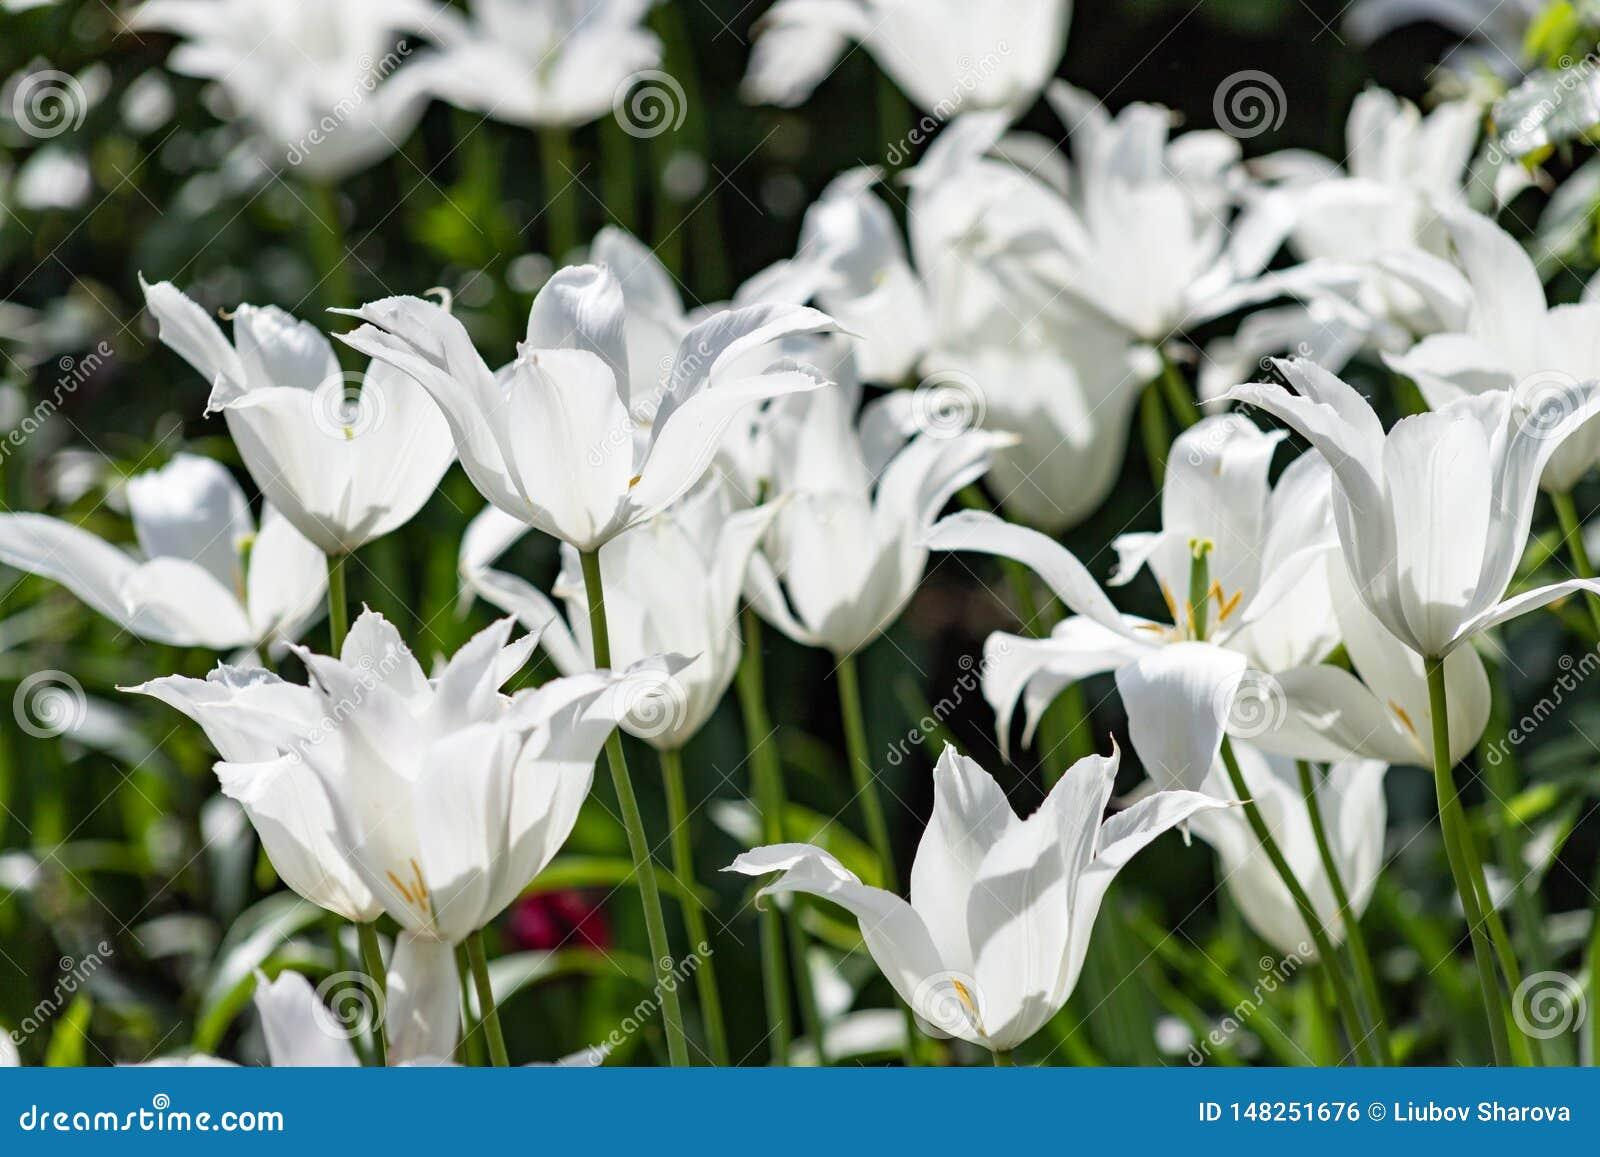 Tulipanowi p?atki przed?u?y? w d?ugich ?uki Leluja kwiatono?ny tulipan